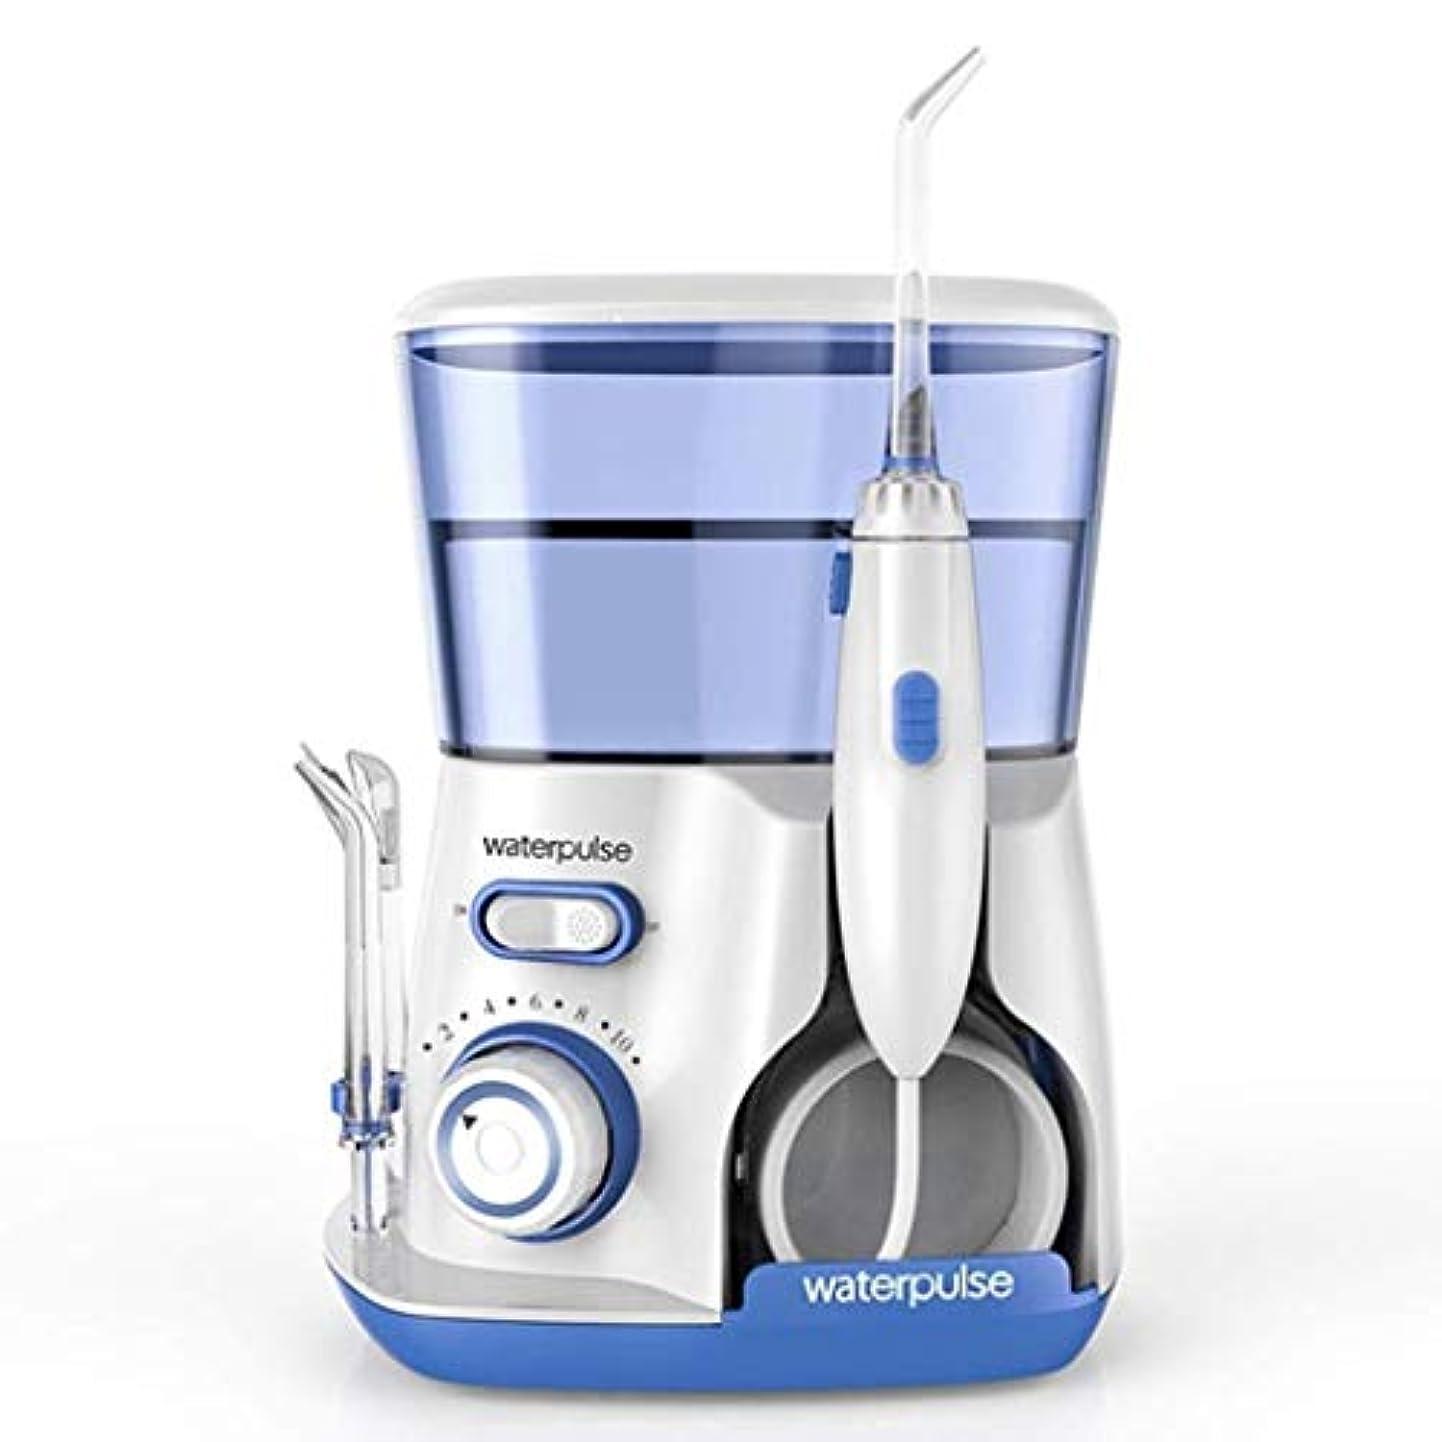 慎重増強する難しい歯科洗浄機、電動歯洗浄機、ポータブル家庭用口腔洗浄機、5つのノズル付き800ML、360度の洗浄 (Color : V)